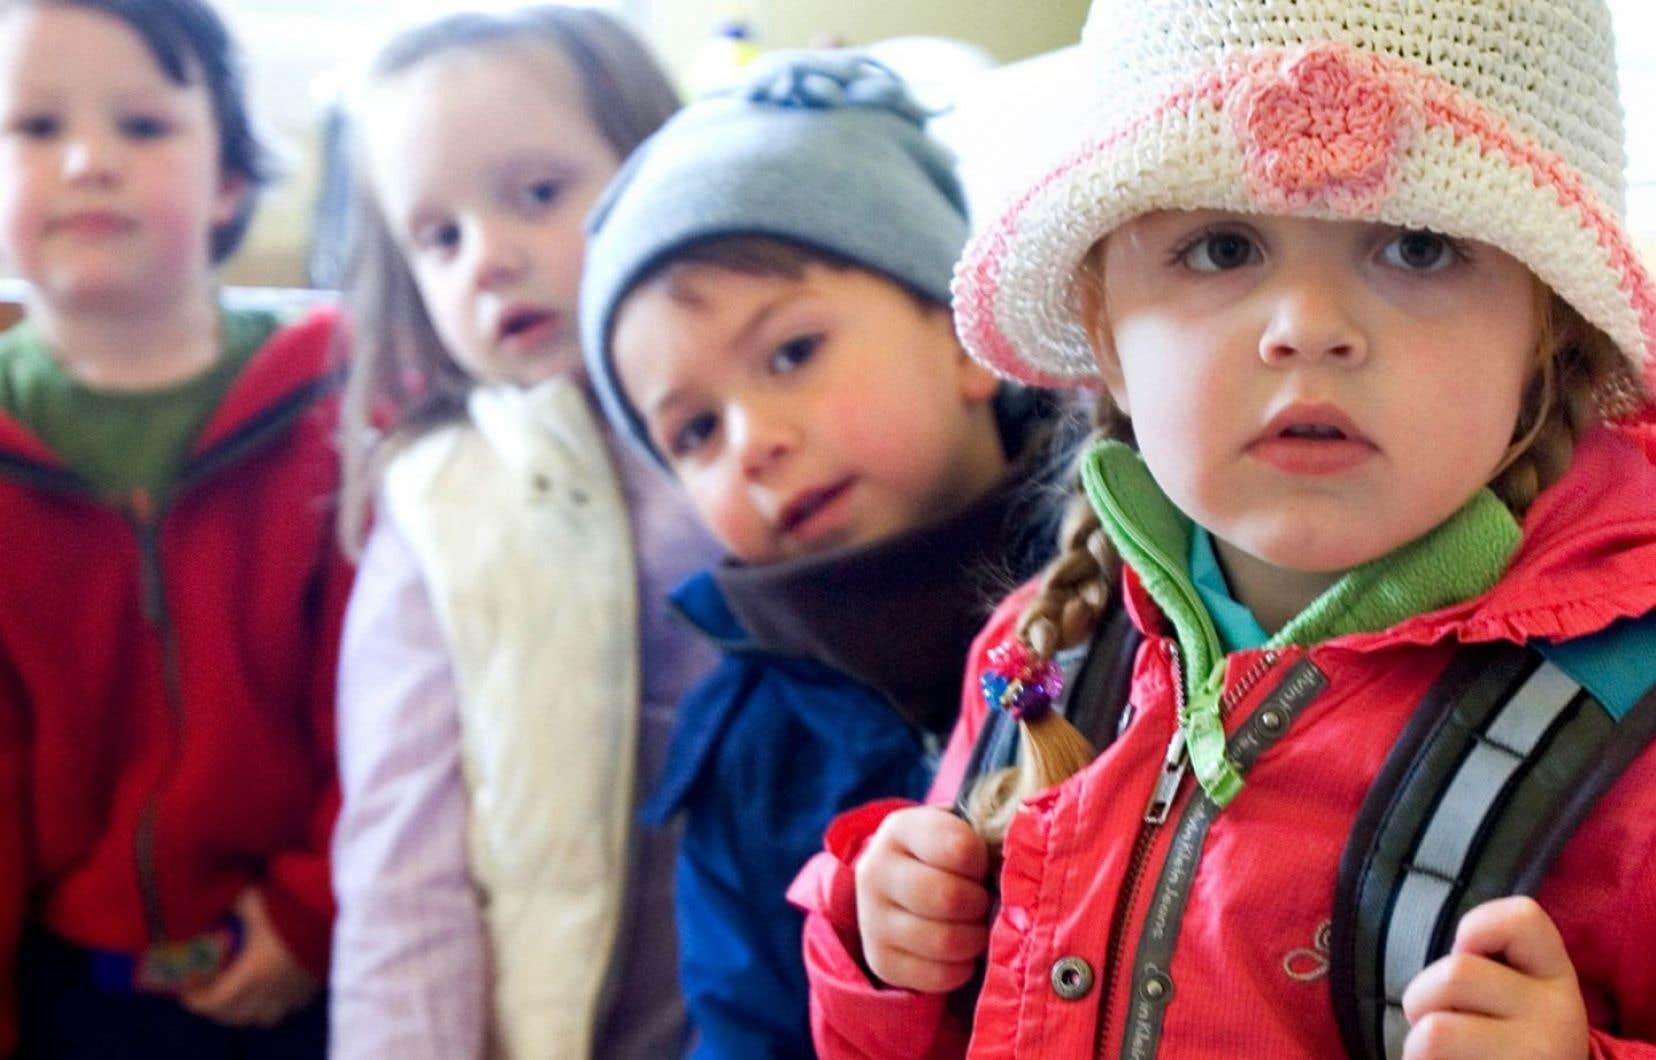 Les partis de l'opposition ont appelé le ministre des Finances à réinvestir dans les centres de la petite enfance (CPE) dans le budget qui sera déposé ce jeudi à Québec.